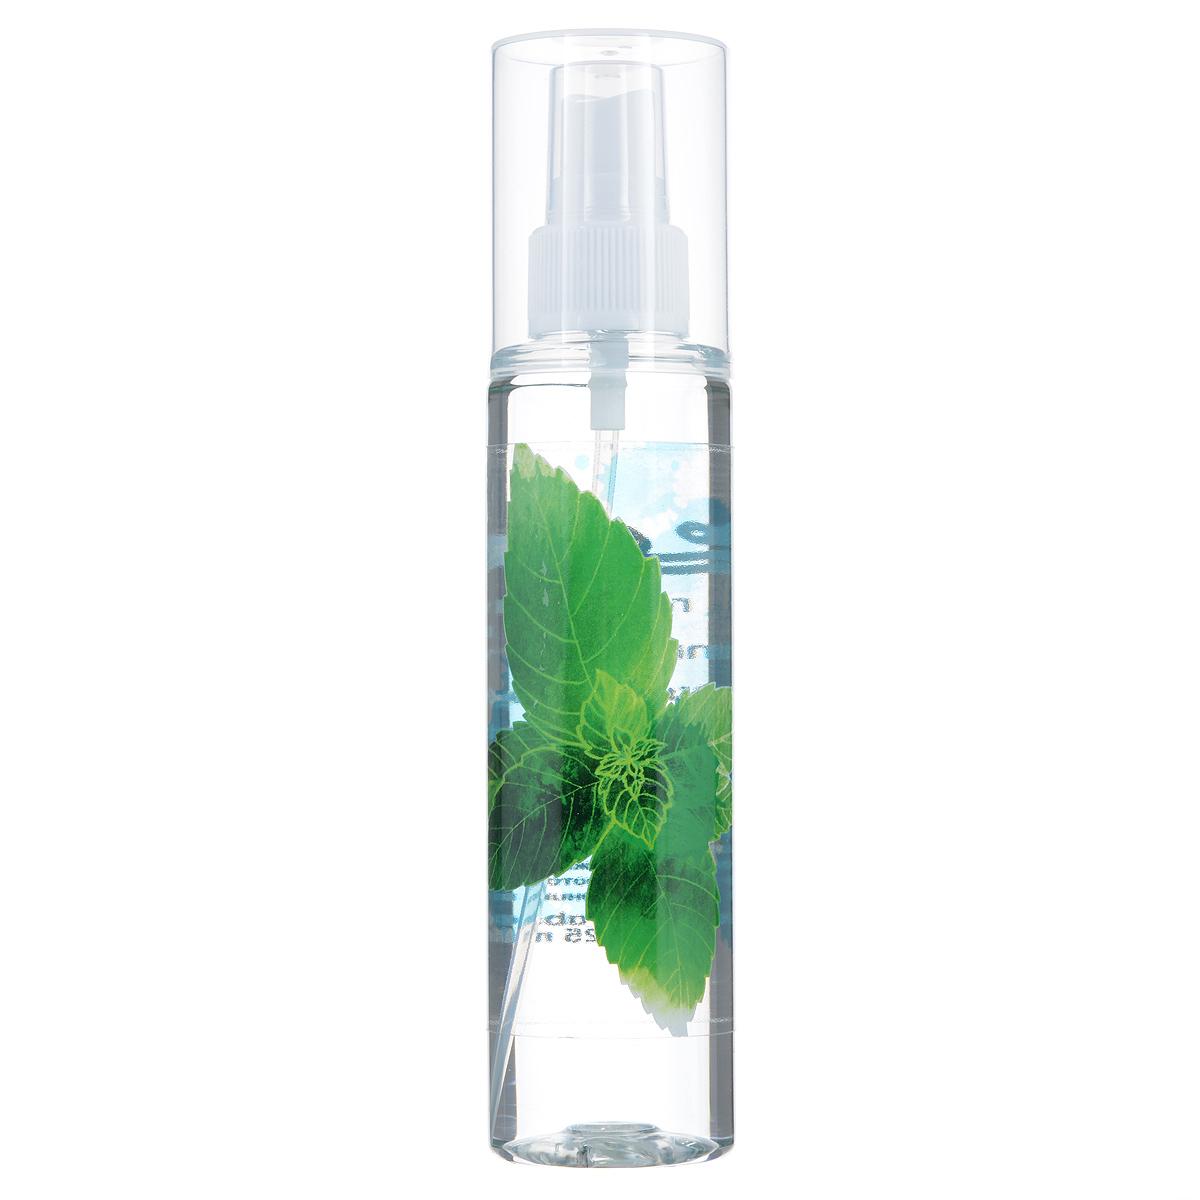 Зейтун Гидролат Мята, 125 млFS-00897Гидролат мяты хорошо распылять на лицо и область декольте — он бодрит, освежает, улучшает цвет и общий тонус кожи, подтягивает её. Также может снять отёчность и раздражение, облегчить аллергическую реакцию. Мятная вода обладает удивительным освежающим эффектом не только для кожи, но и для ума — помогает сконцентрироваться, в то же время успокаивая нервы. В сочетании с гидролатом розмарина, отличная — и более полезная — замена кофе. Помогает легче переносить жару.Мятную воду вы можете использовать разными способами: • в качестве тоника для кожи лица и тела, • добавлять в воду, когда принимаете ванну, • применять как ополаскиватель после мытья волос, • можно распылять в течение дня на волосы: гидролат легко ложится, не склеивает их, слабо фиксируя причёску и придавая волосам нежный аромат, • наносить перед применением крема или косметического масла, ради подготовки кожи и усиления воздействия средства, • использовать для тонизации кожи после скраба или пилинга, • разводить сухие глиняные маски, улучшая их эффект и придавая коже травяной запах.Мятная вода полностью натуральна, поэтому чувствительна к свету, высоким температурам и микроорганизмам, и храниться она может не более 12 месяцев, причём мы настоятельно рекомендуем держать её в холодильнике. В случае аллергической реакции (жжение, покраснение) следует использовать менее концентрированный раствор (разбавить водой в пропорции 1:3-1:4).